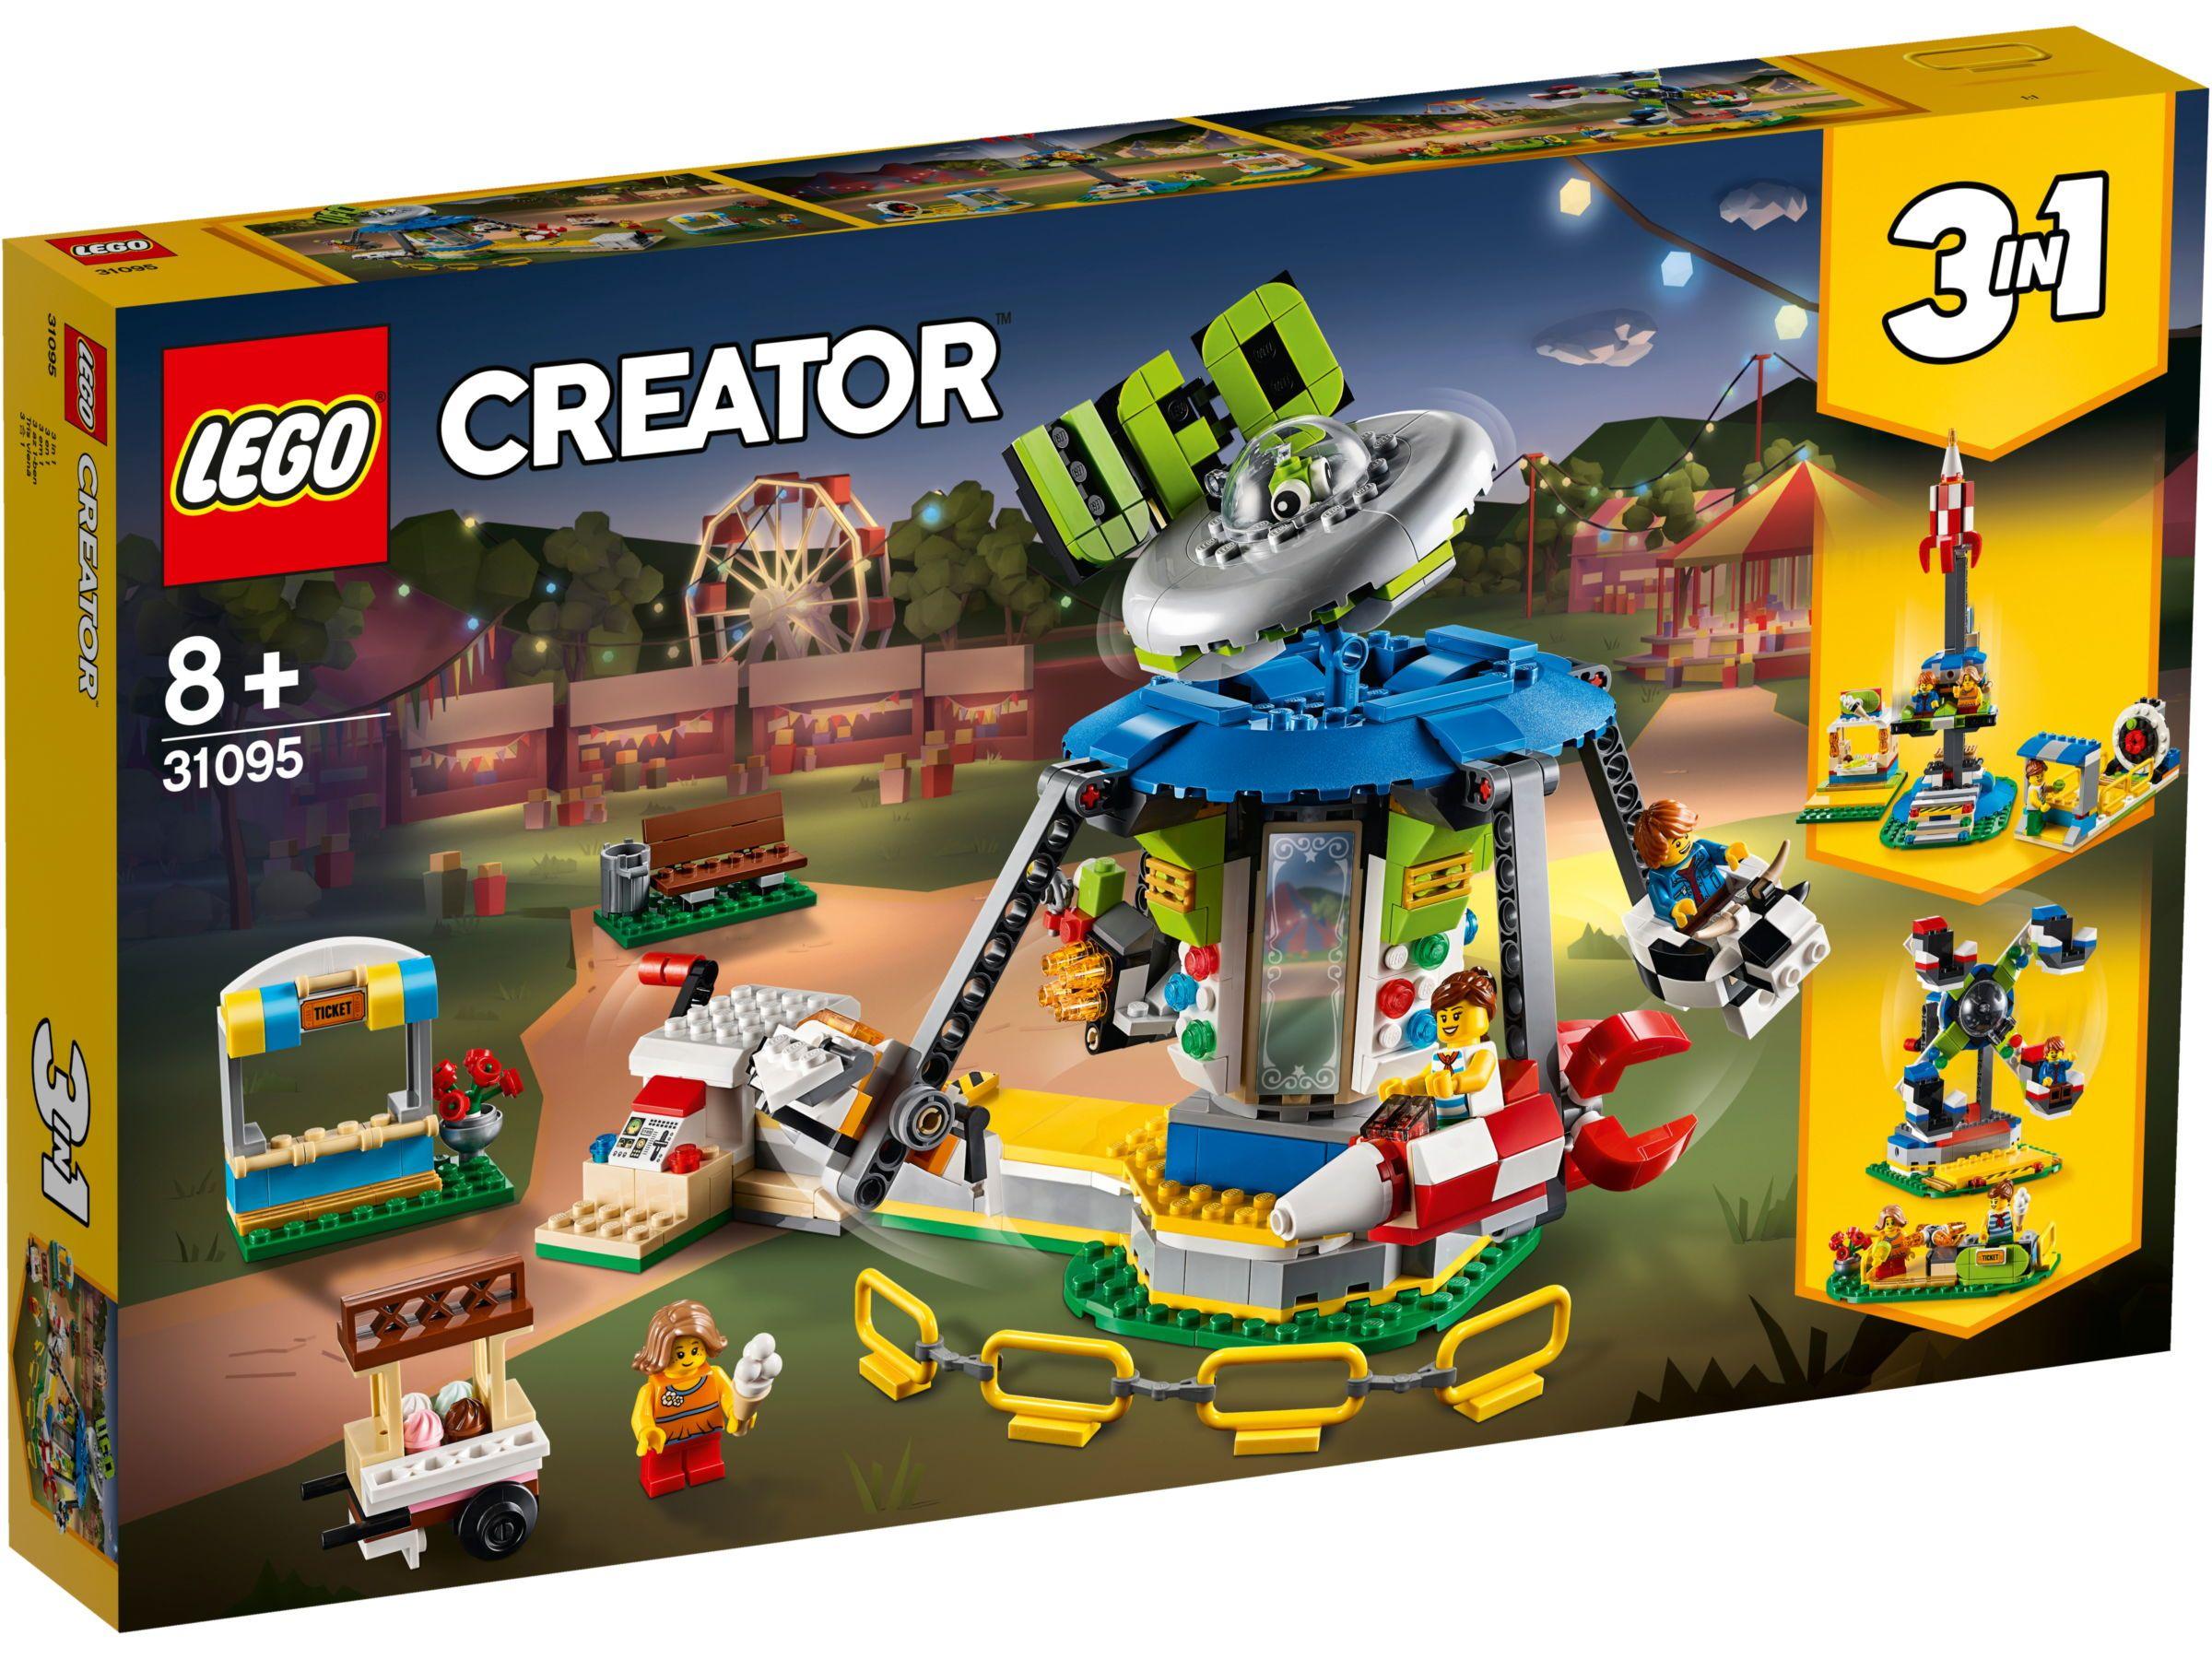 lego-creator-ufo-karussell-31095-2019-box-front zusammengebaut.com